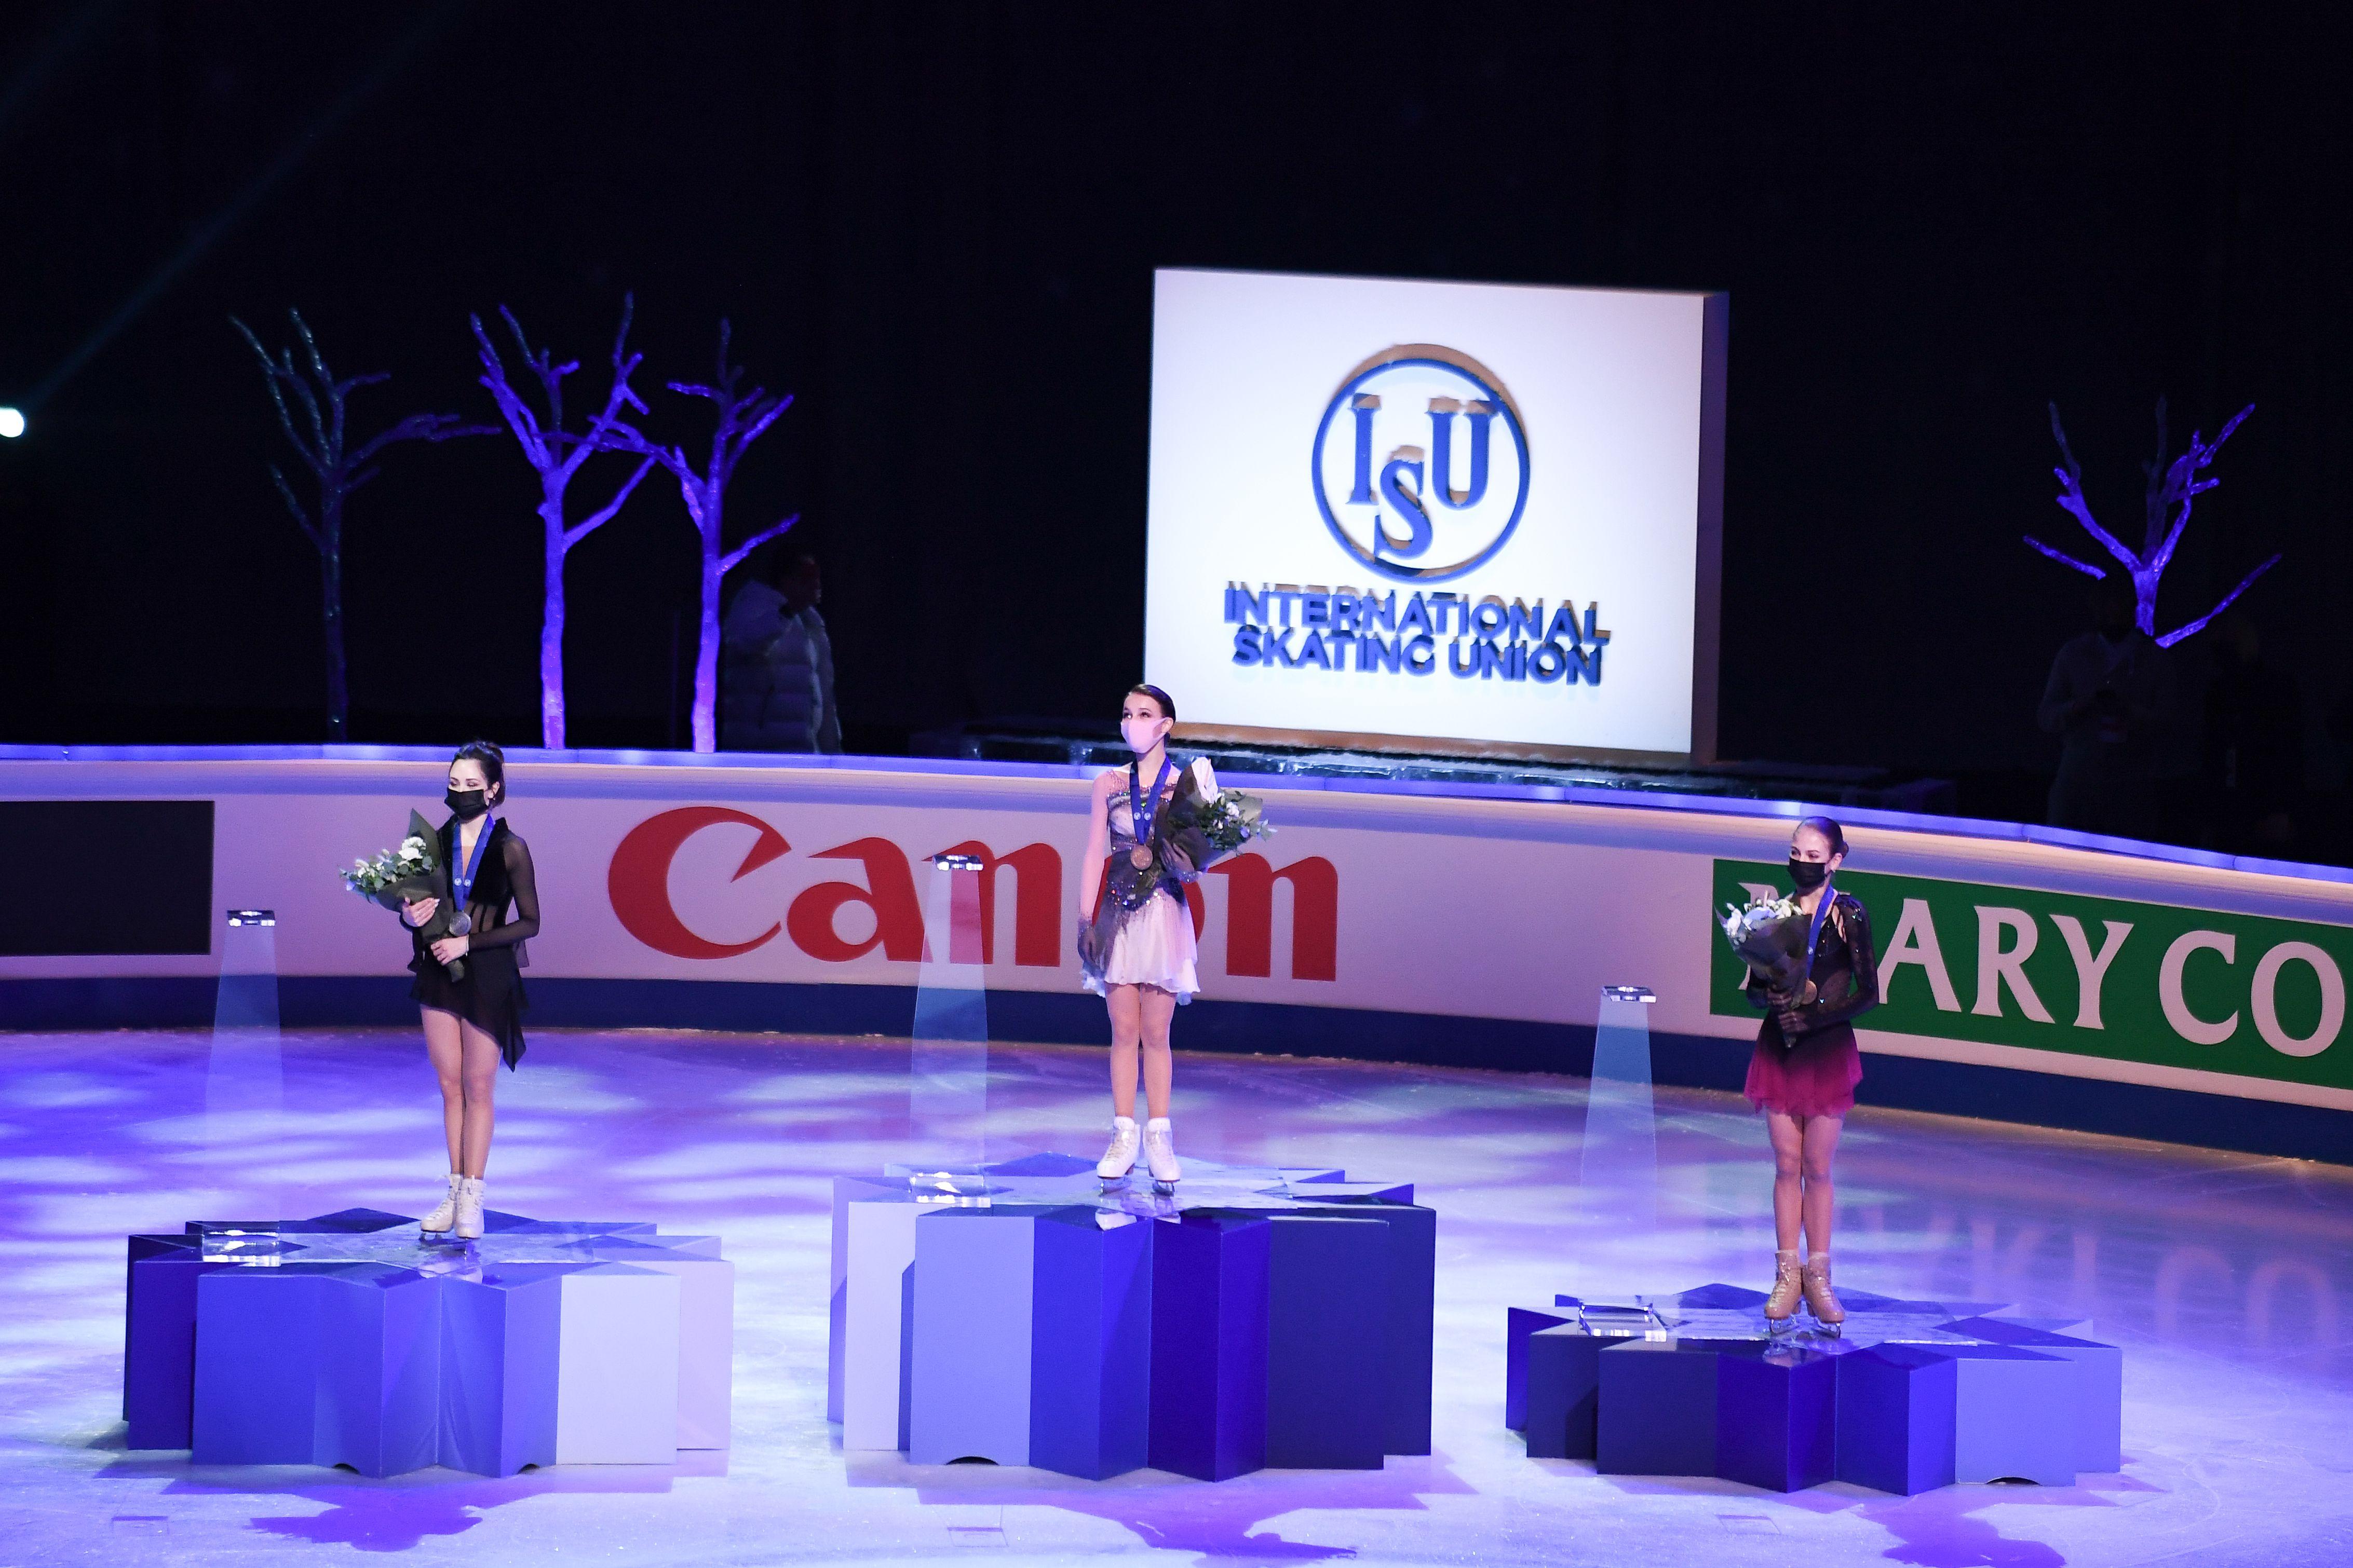 За победу на ЧМ-2021 Щербакова заработала 64 тысячи долларов, Трусова получила 33 тысячи